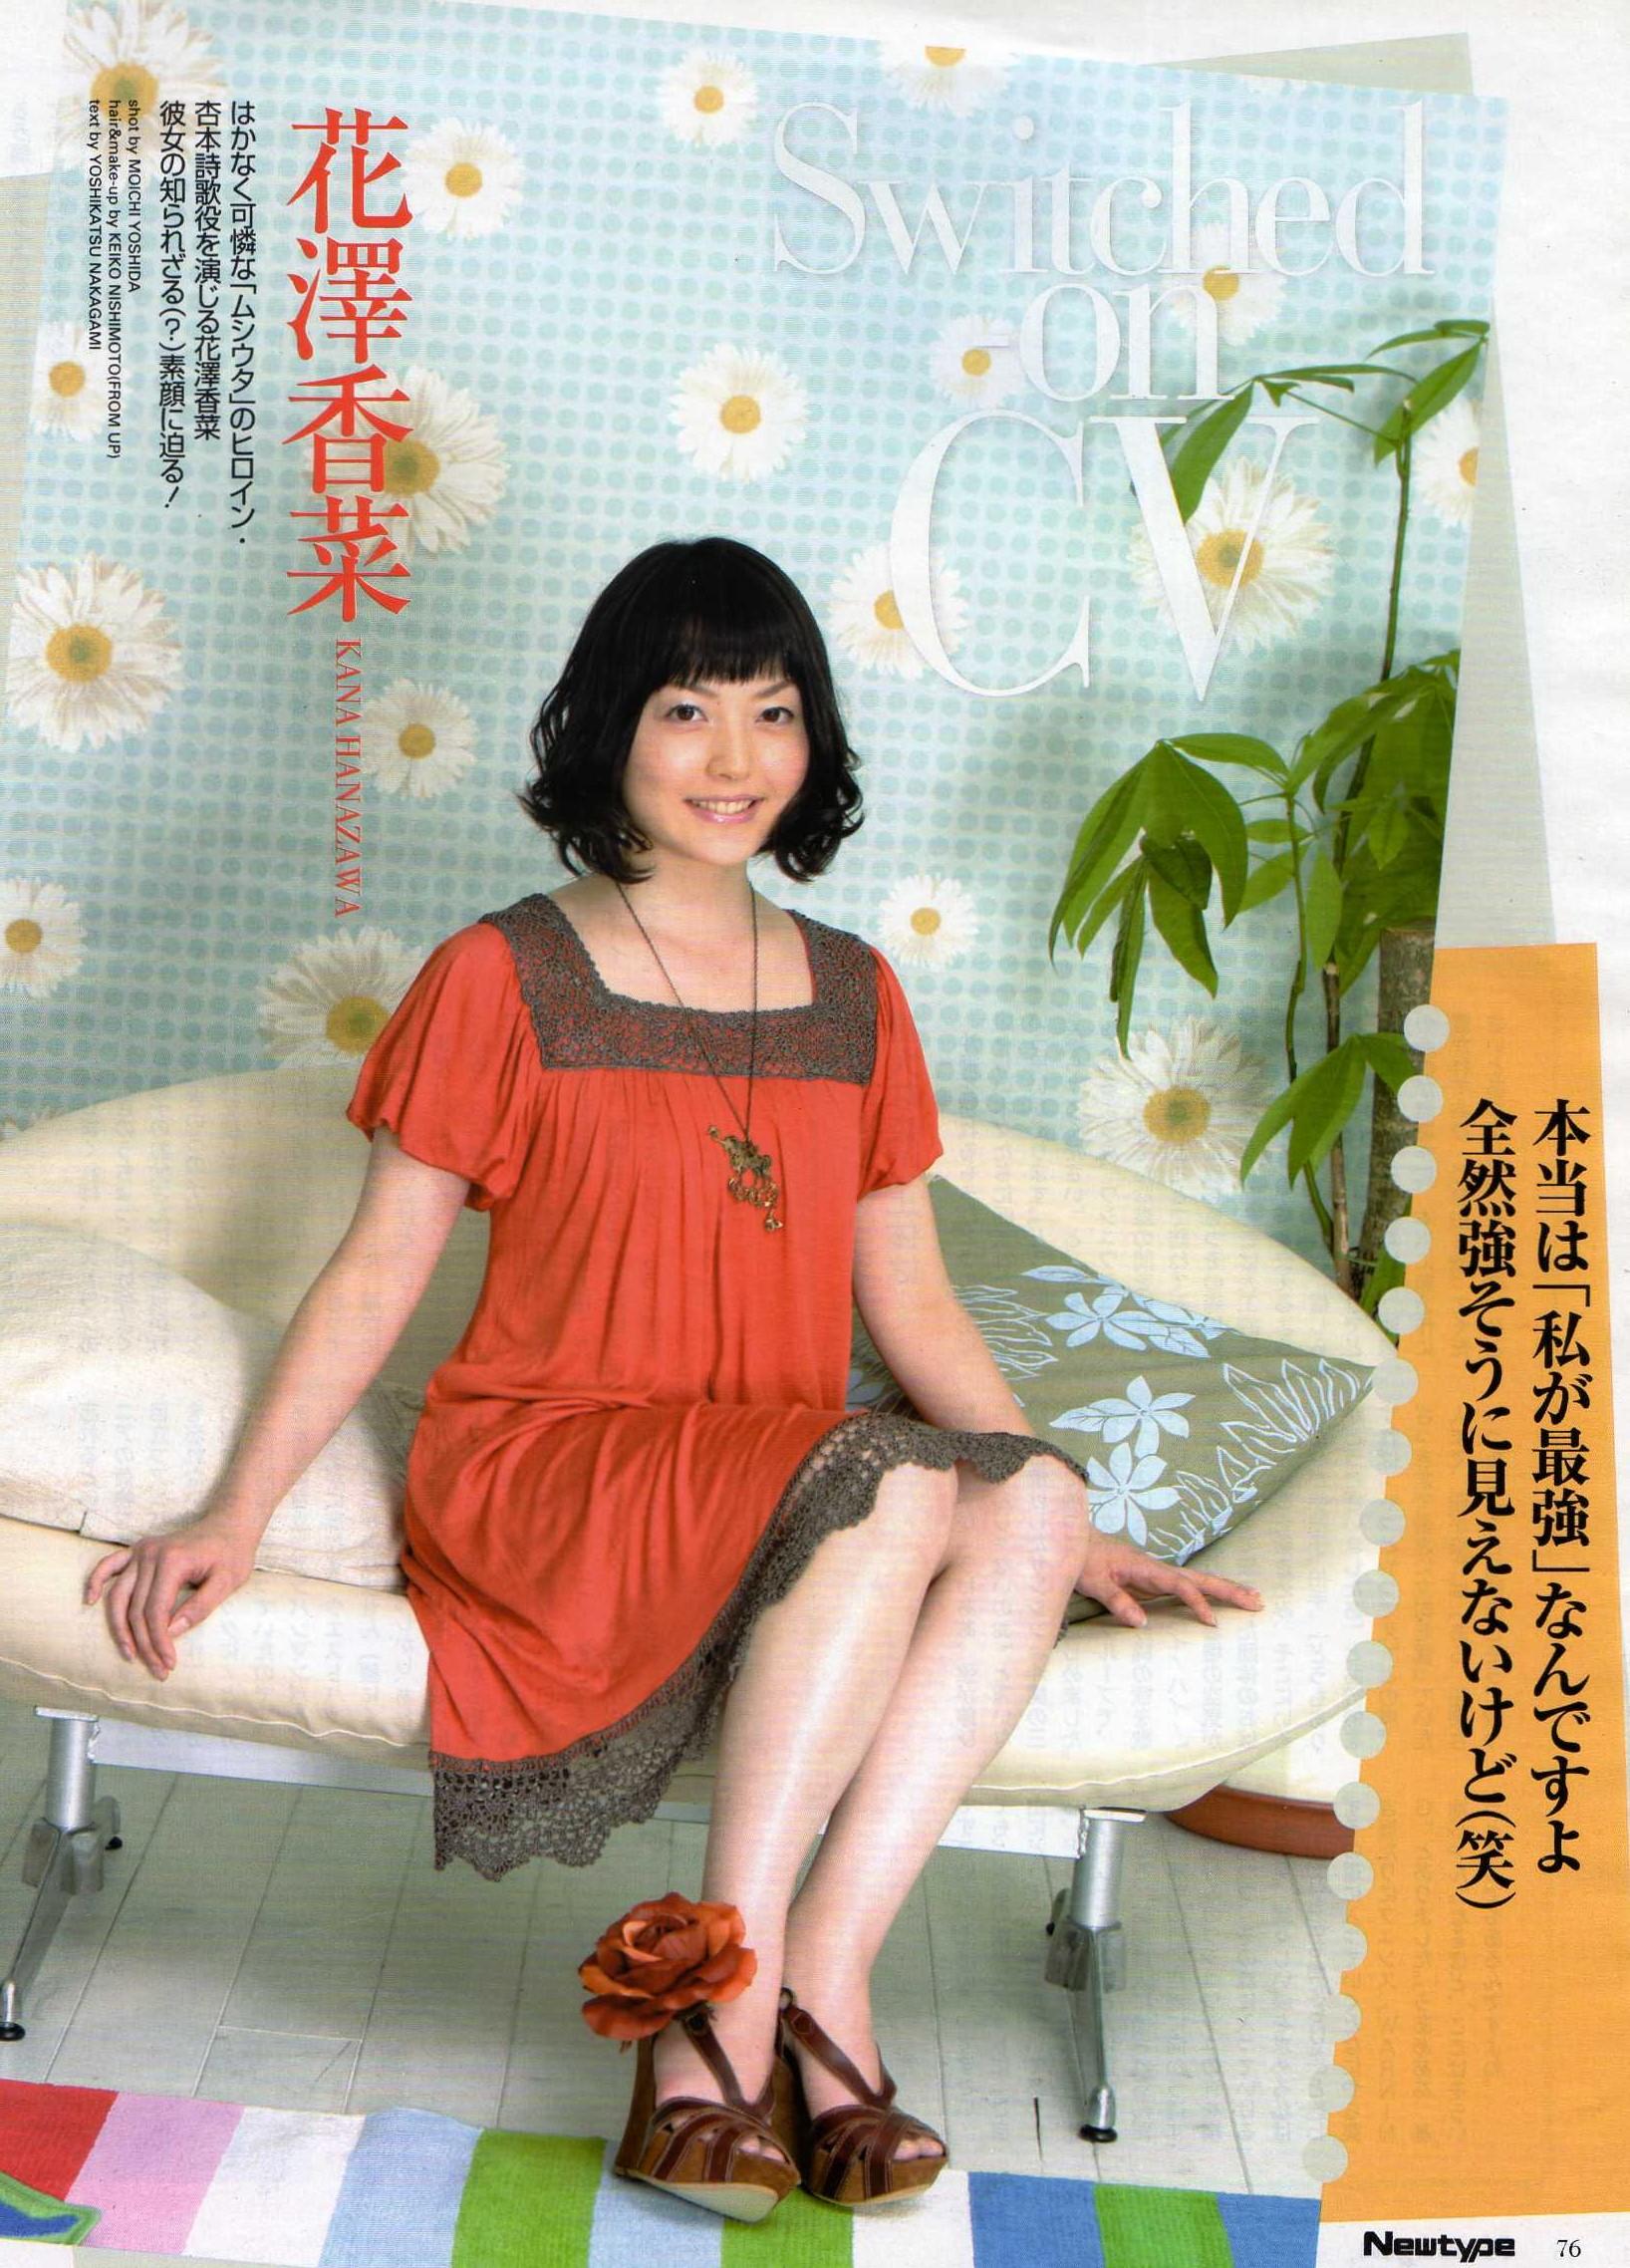 성우 '하나자와 카나'씨의 예전 사진인 듯합니다.